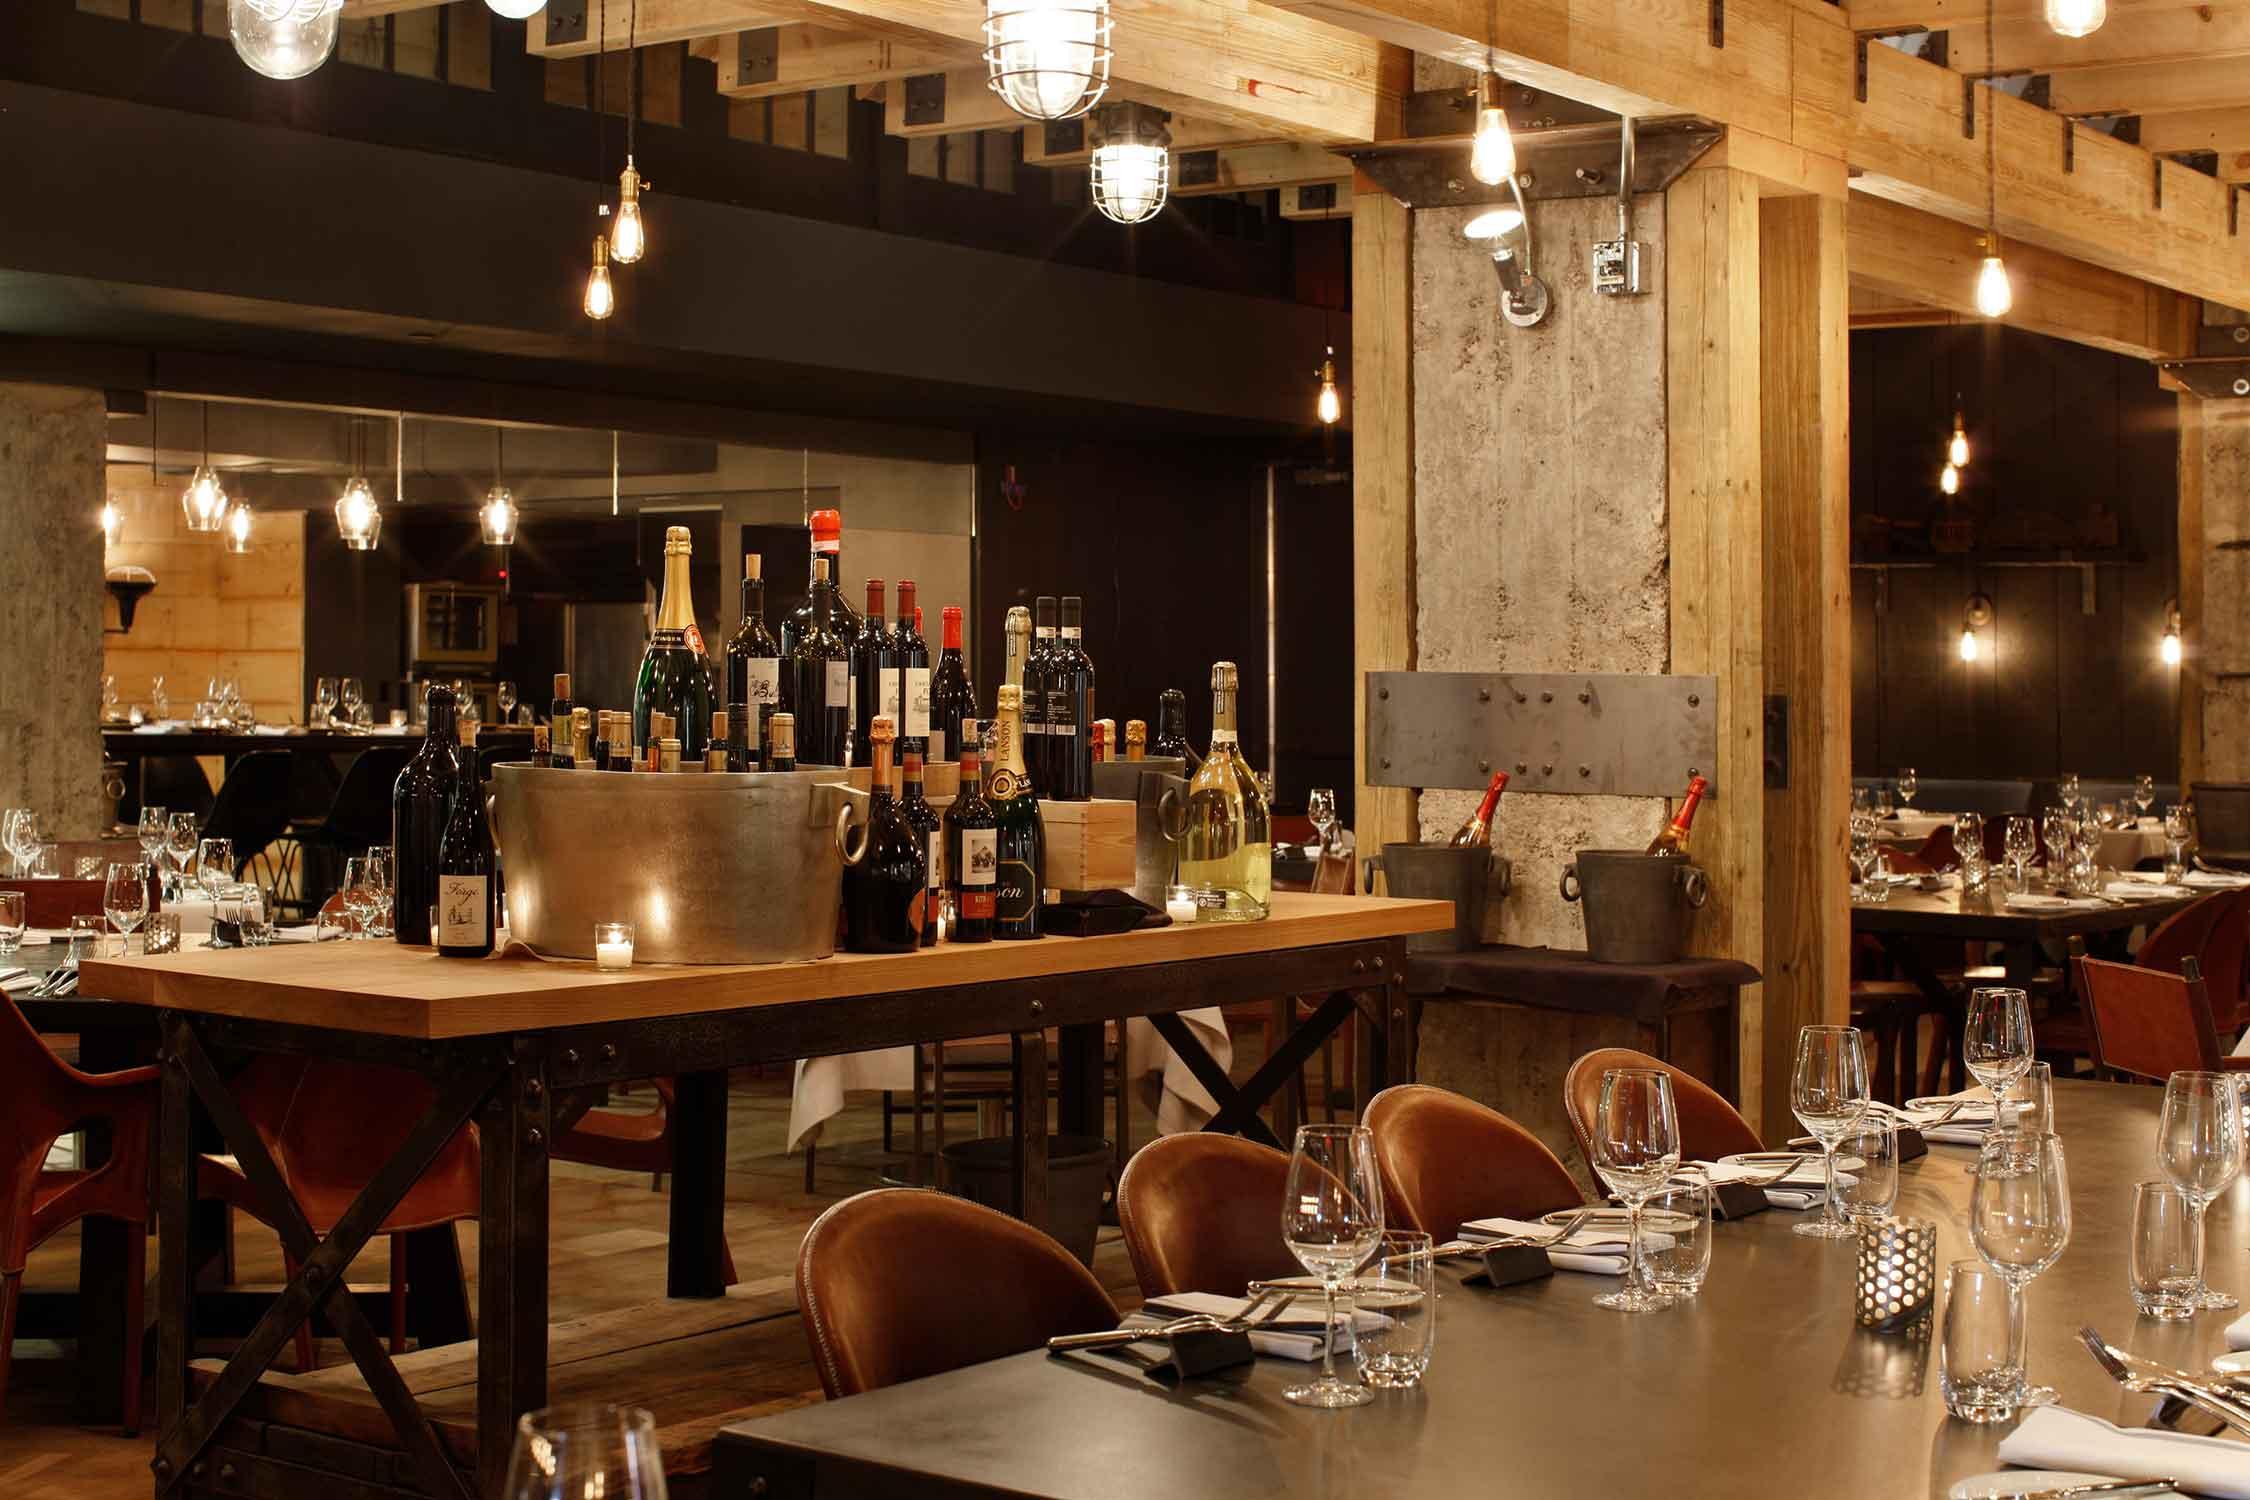 Blackbarn-Restaurant-44.jpg